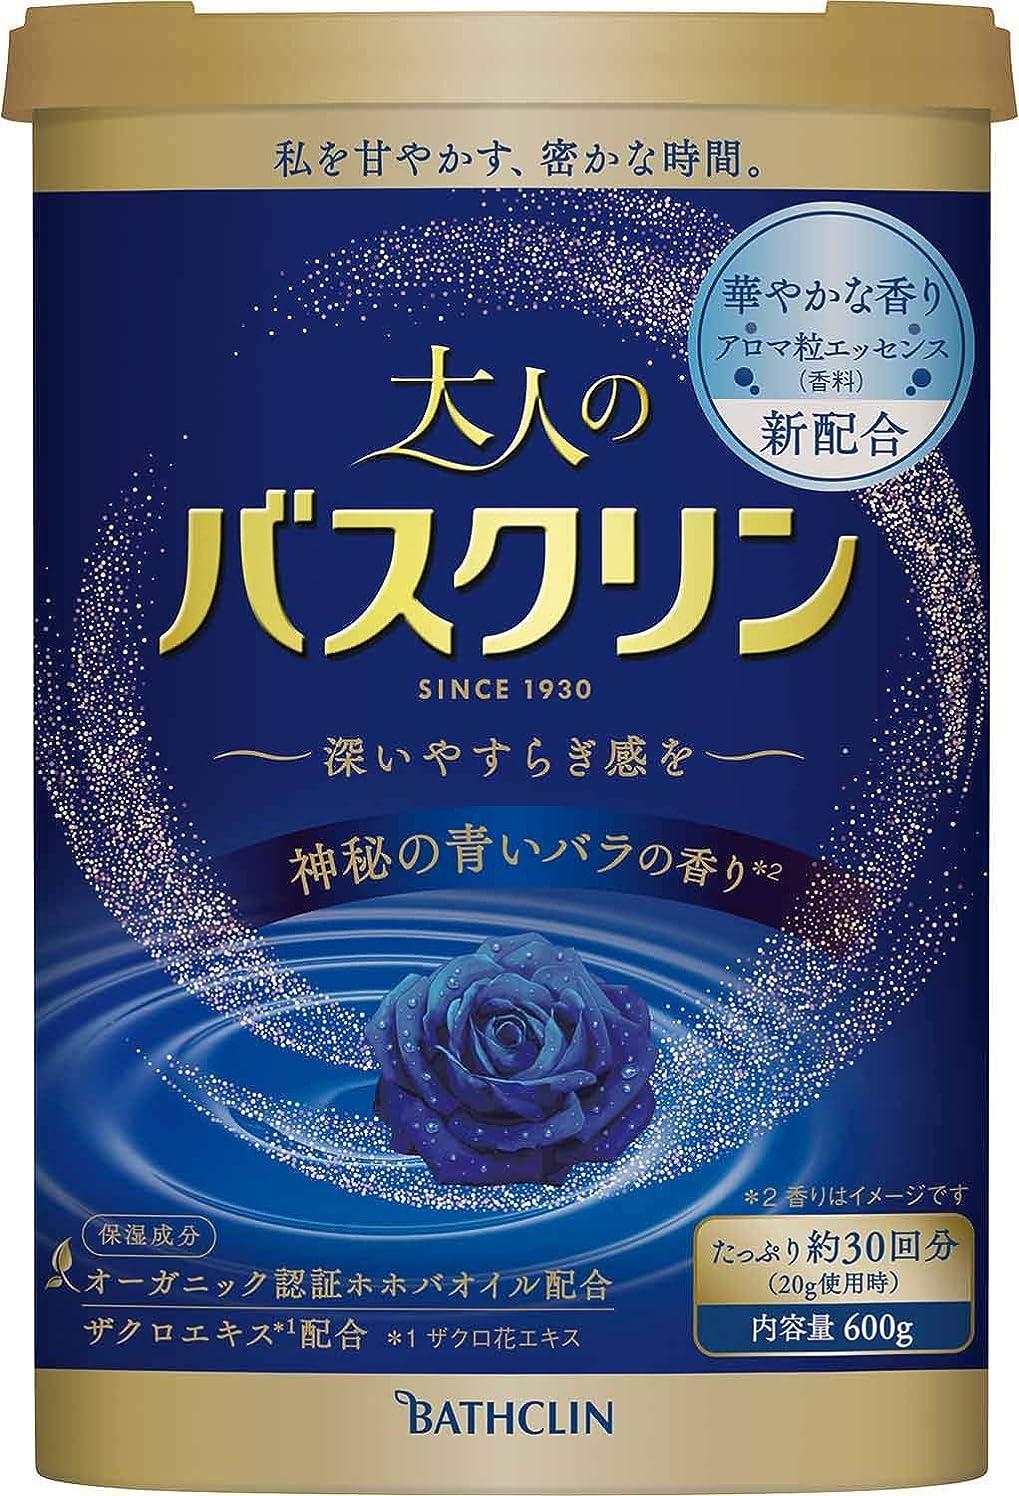 煙初期のインスタント大人のバスクリン入浴剤 神秘の青いバラの香り600g(約30回分)